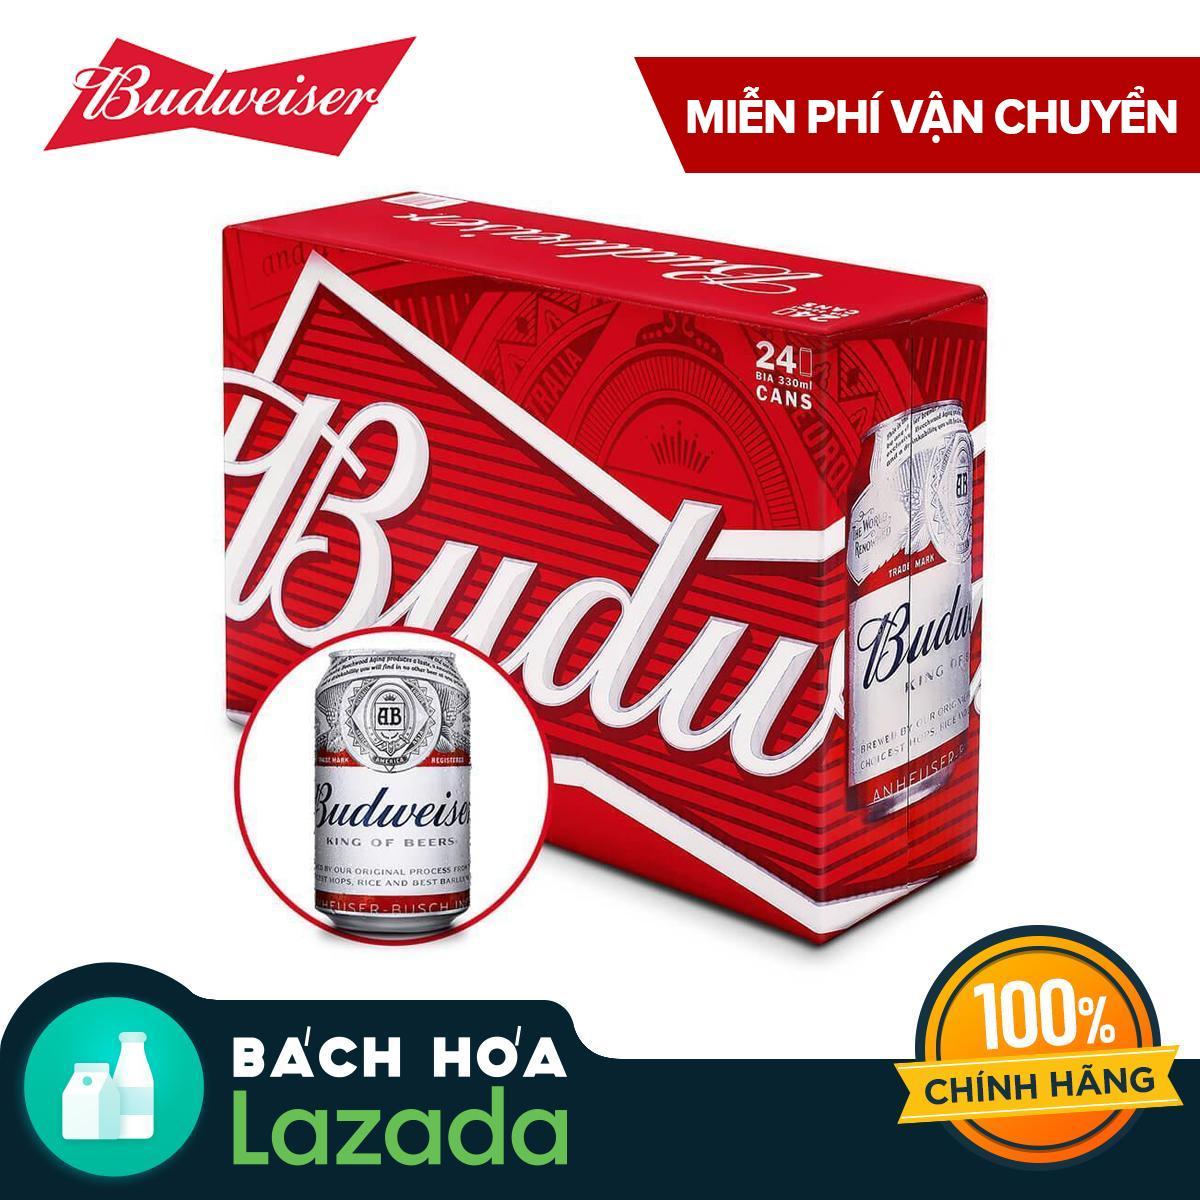 Thùng 24 Lon Bia Budweiser 330ml Giá Tốt Không Thể Bỏ Qua